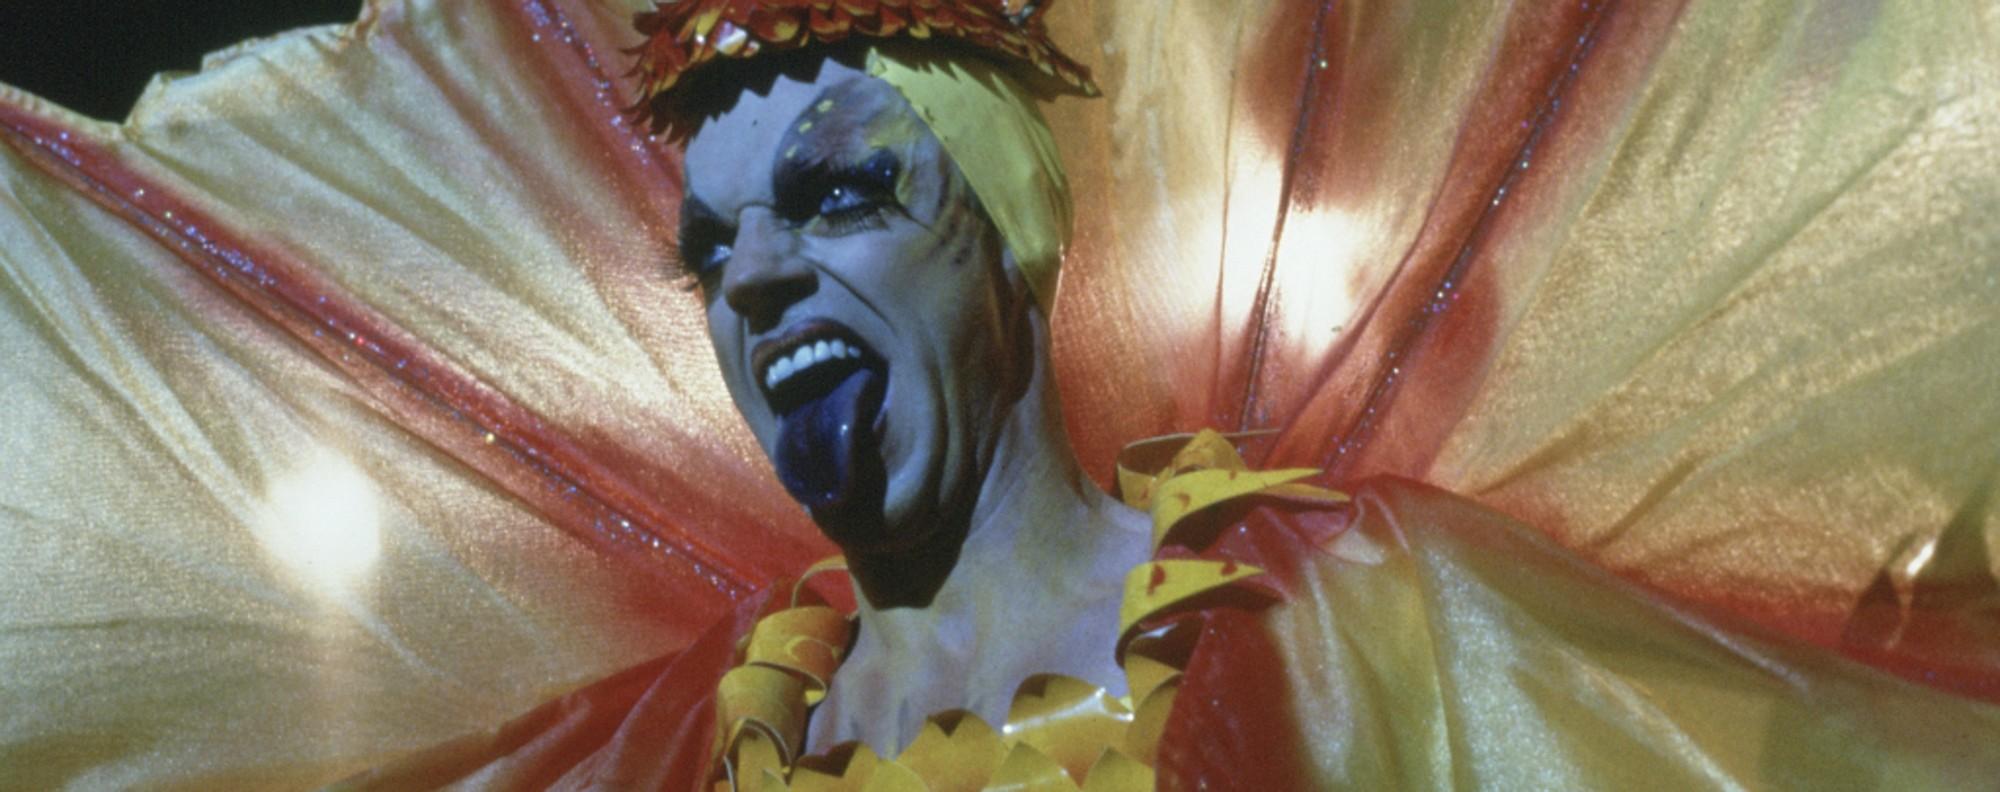 Hugo Weaving as Mitzi Del Bra in Priscilla, Queen of the Desert.